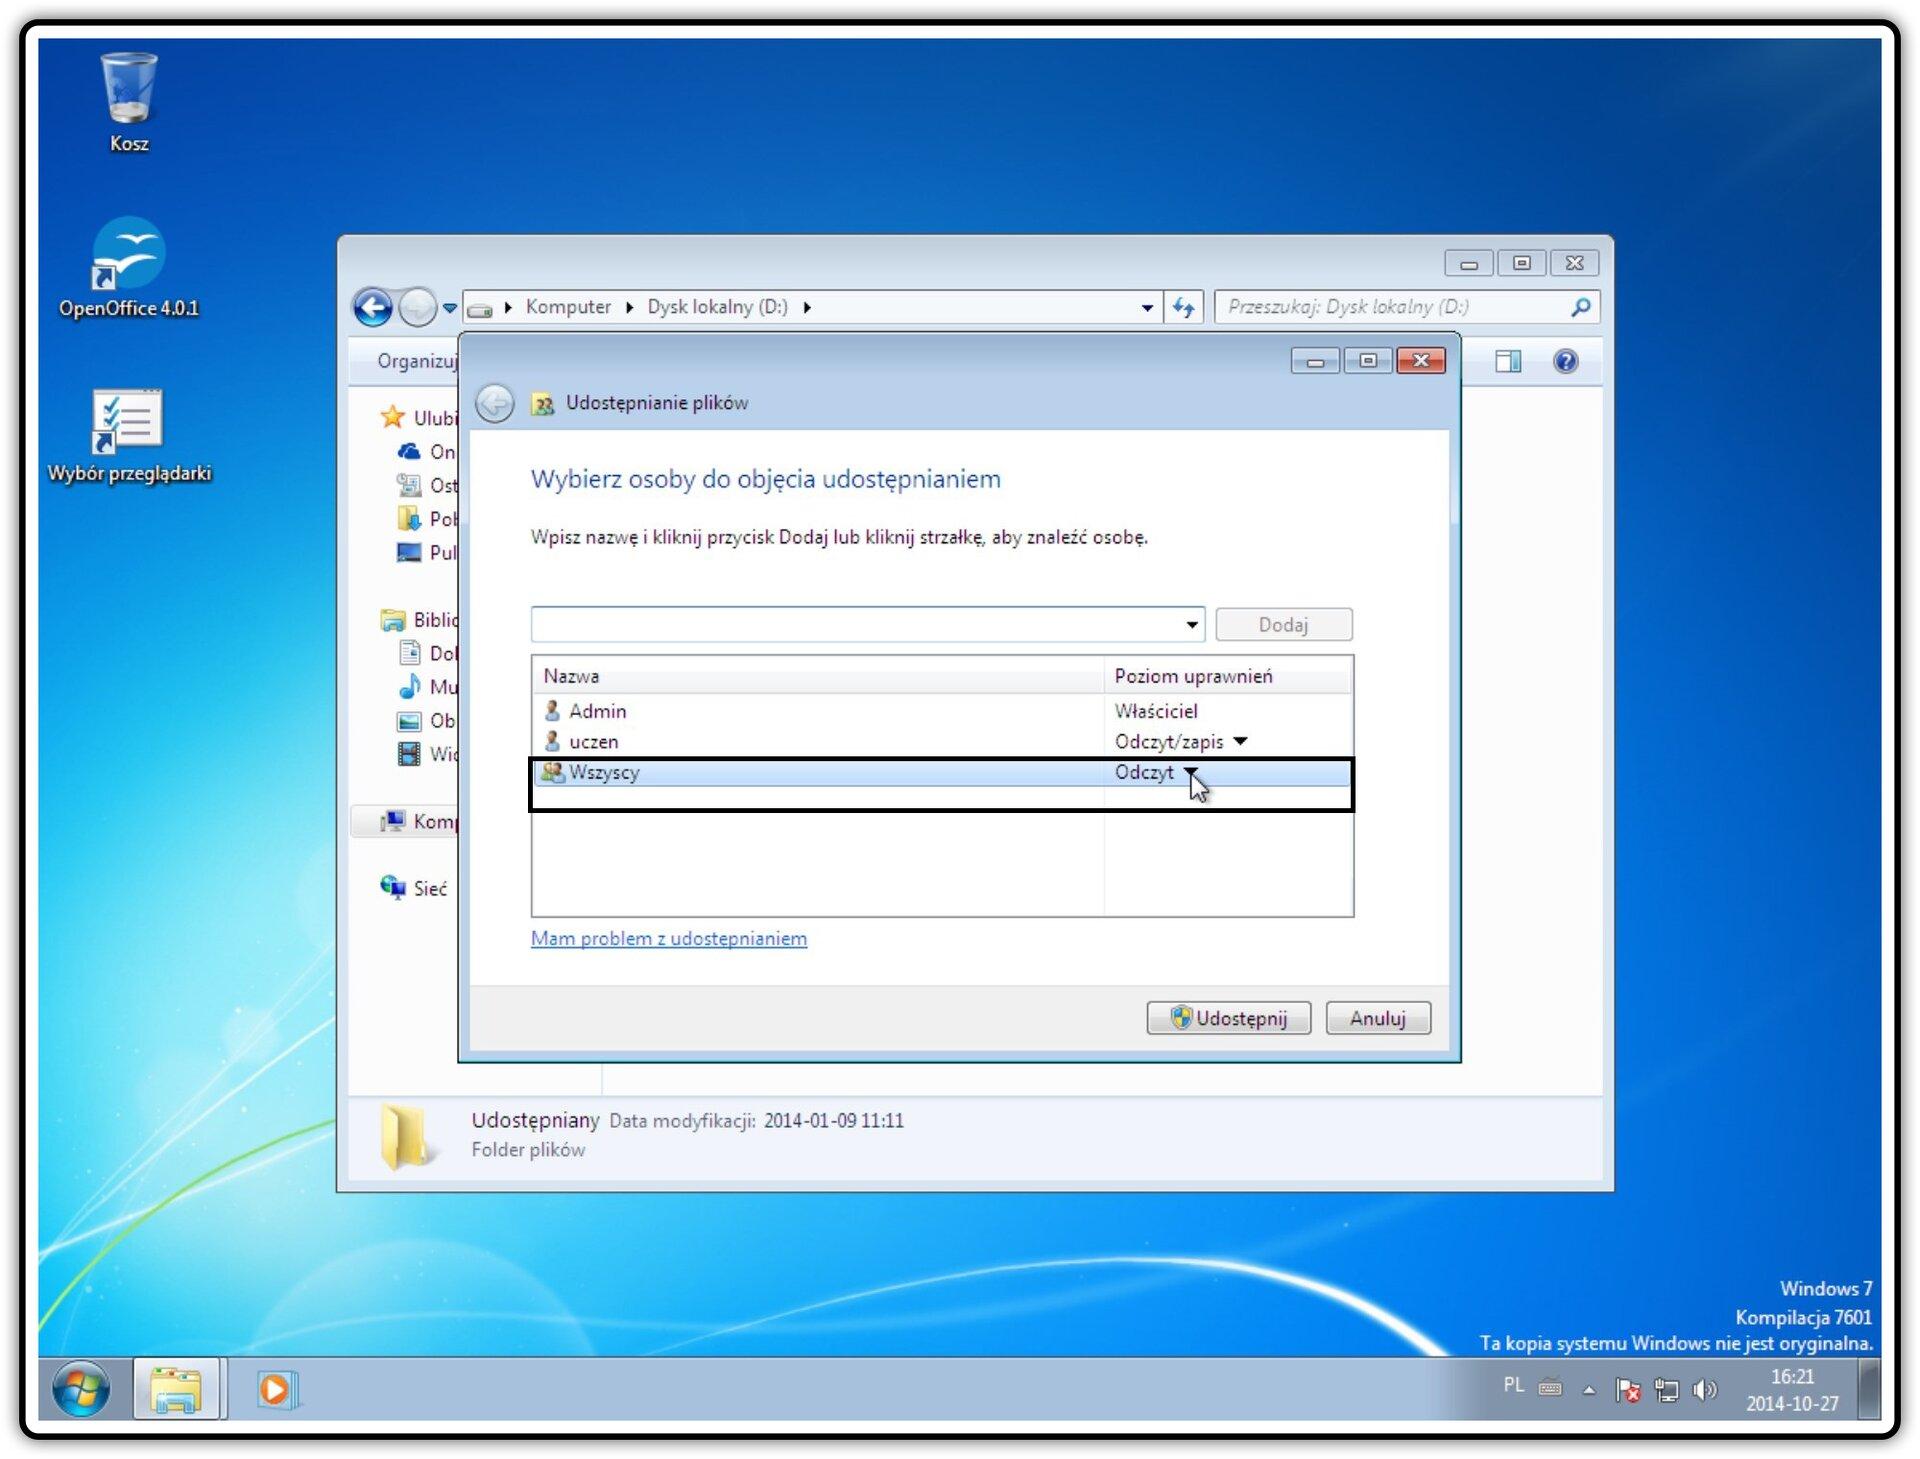 Slajd 4 galerii zrzutów okien: Udostępnianie zasobów wsystemie Windows